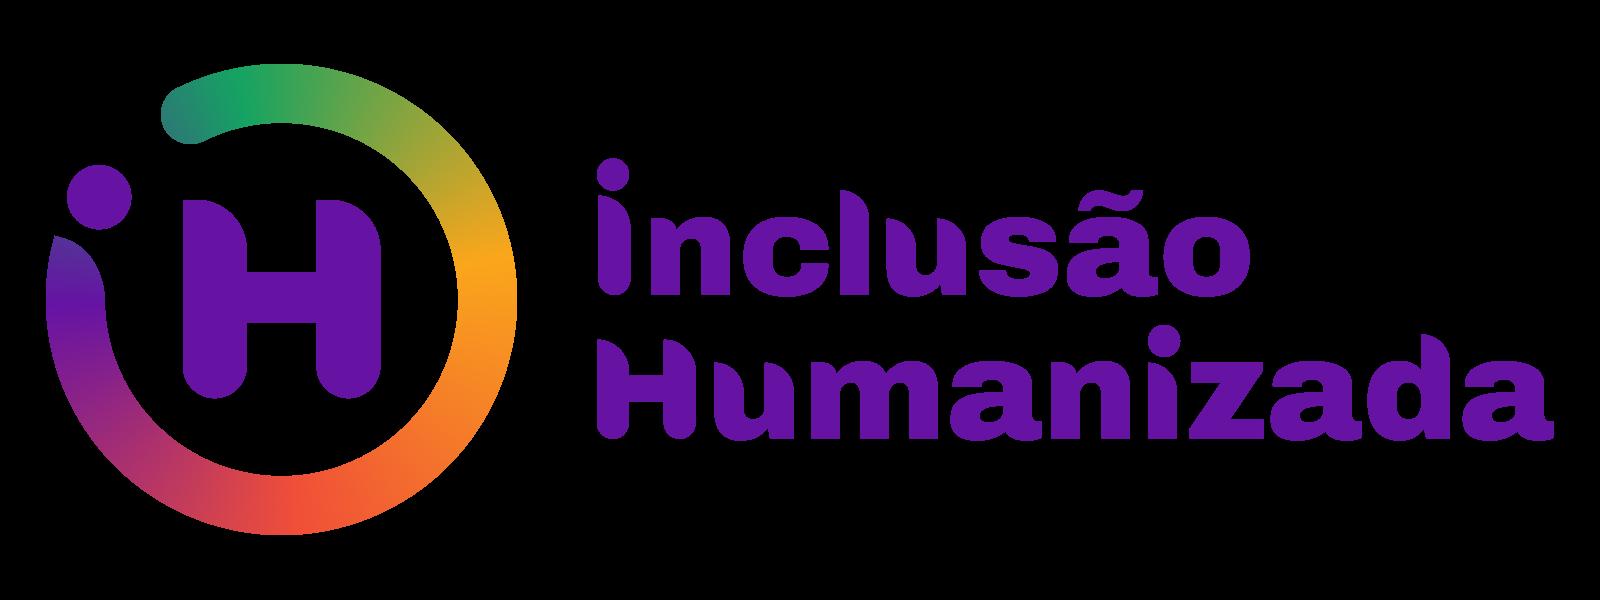 """Logotipo da empresa Inclusão Humanizada. A palavra """"Inclusão humanizada"""" está escrita em roxo. Do lado esquerdo, há a letra """"H"""" maiúscula com um circulo em volta dela, nas cores roxo, vermelho e verde."""